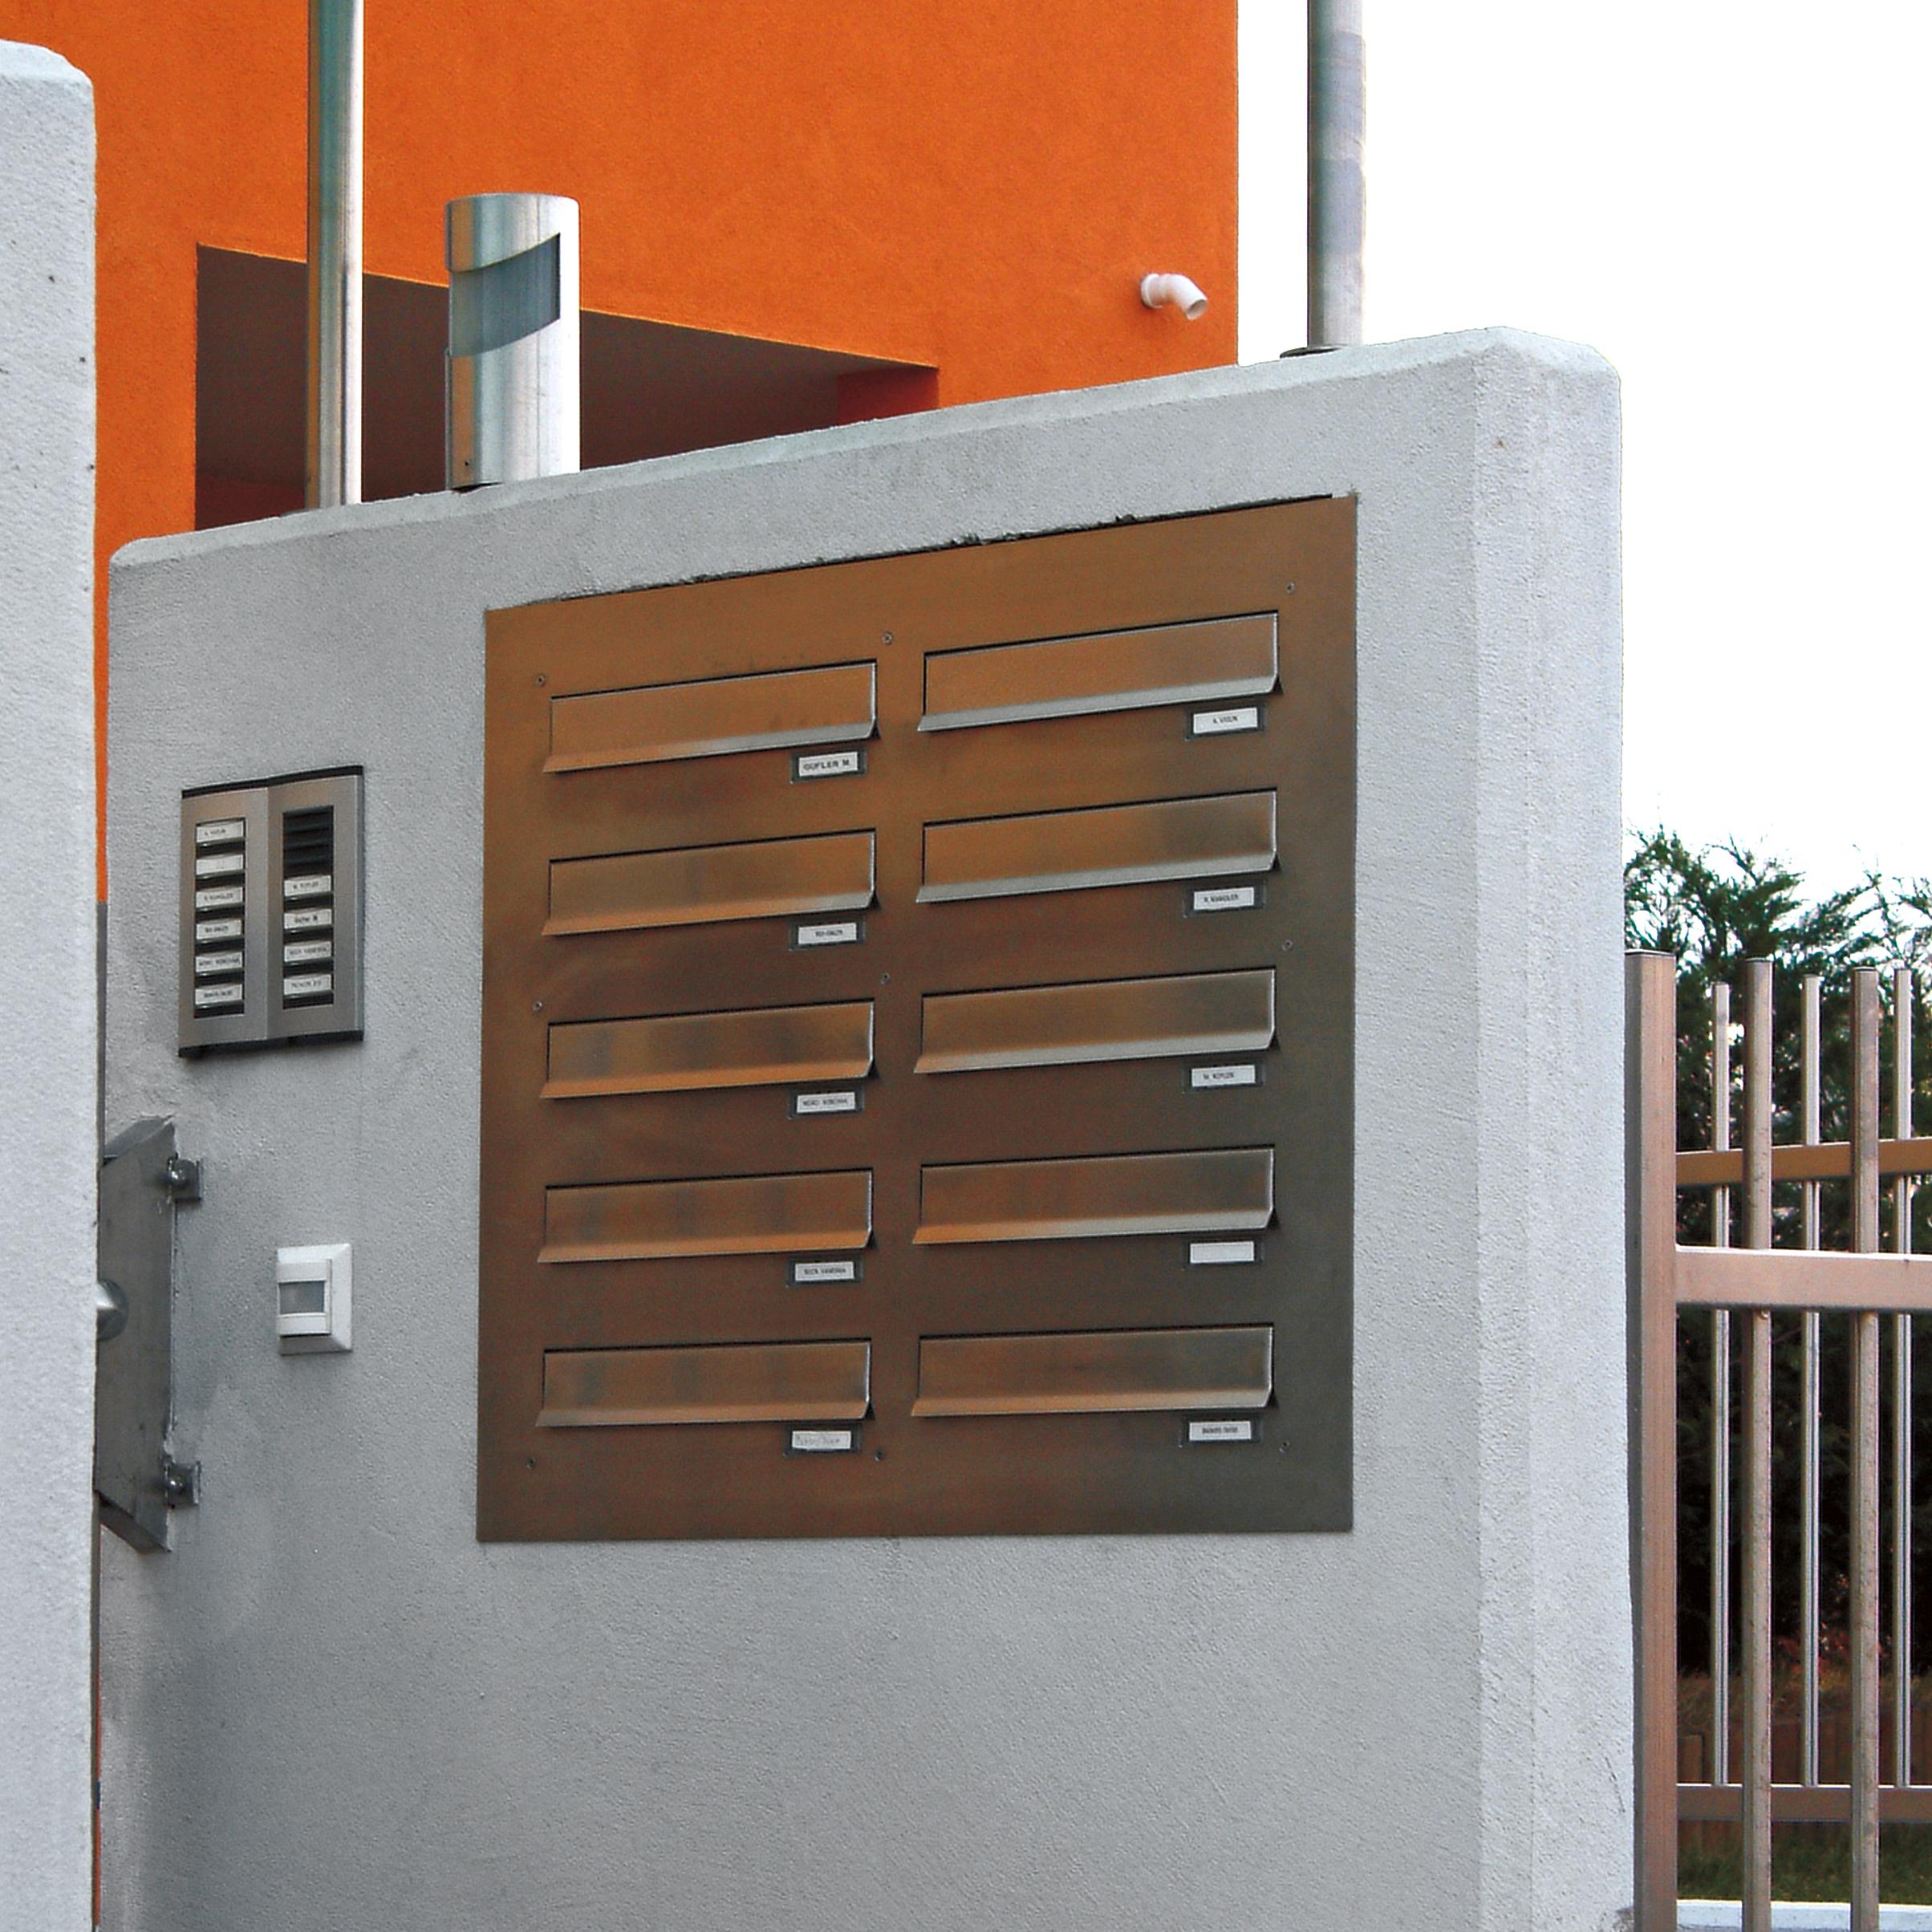 knobloch mauerdurchwurf briefkasten edelstahl schmitt smartes wohnen. Black Bedroom Furniture Sets. Home Design Ideas